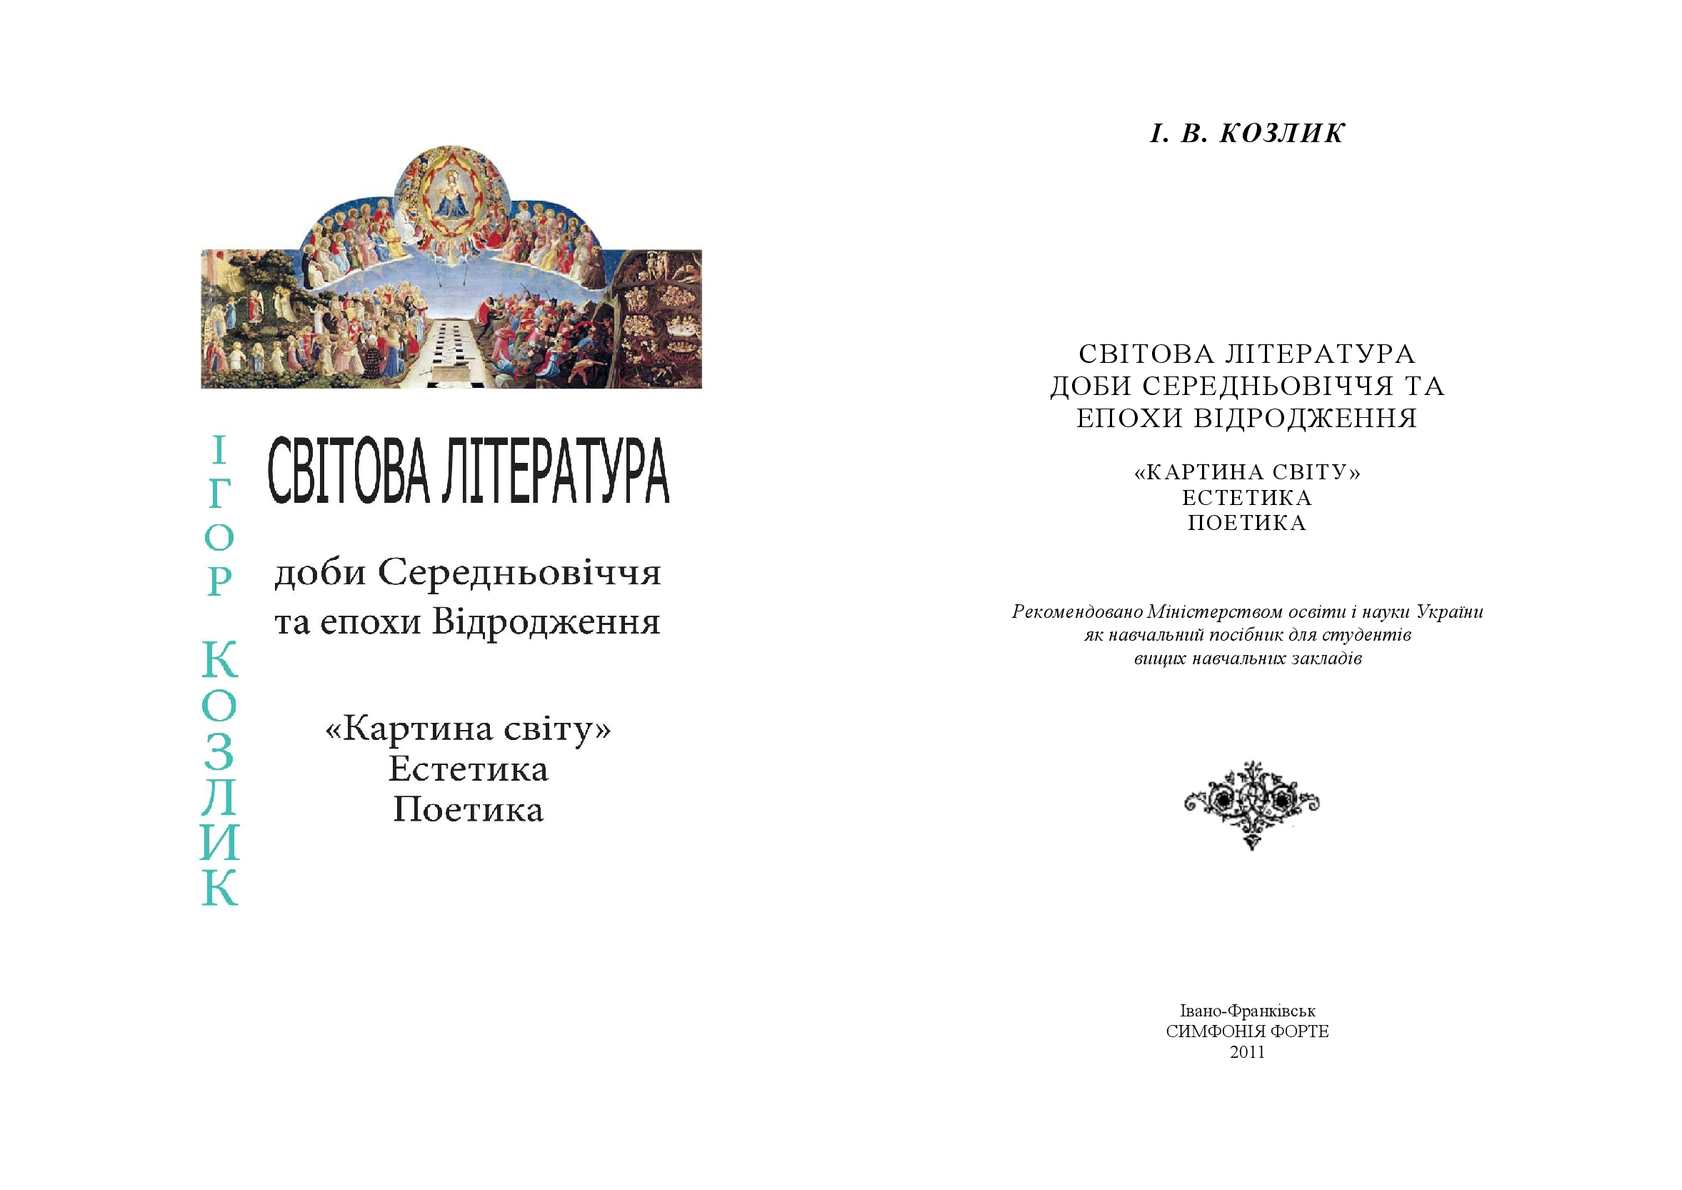 Calaméo - 4 Світова література доби Середньовіччя та епохи Відродження  (2011) 5b37c16a89bd2